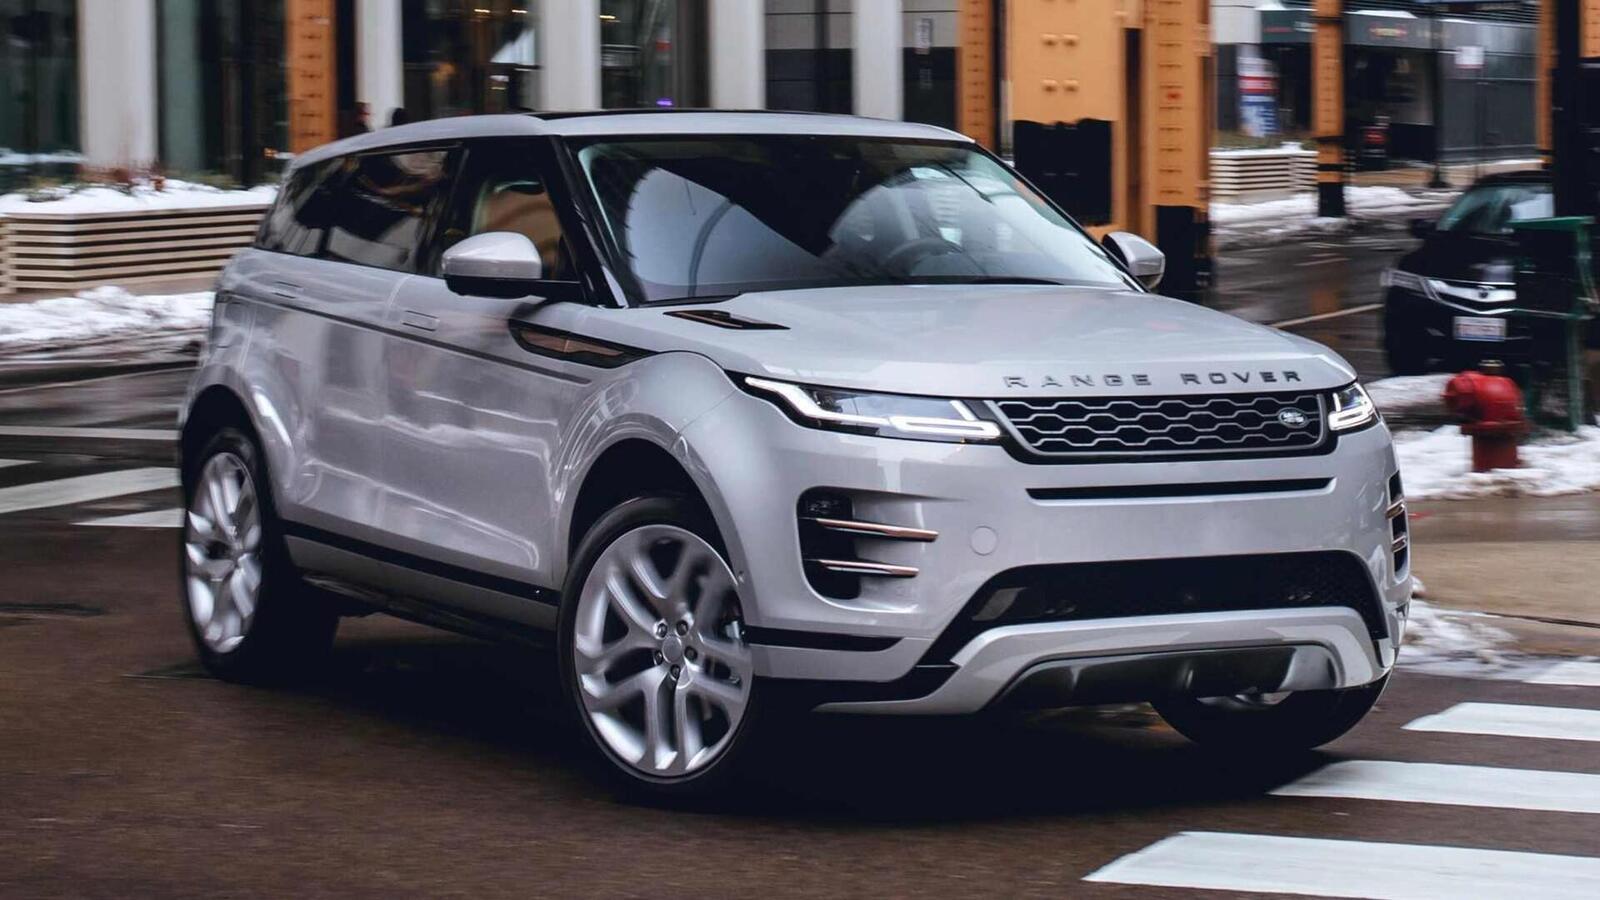 Range Rover Evoque mới tại Mỹ có giá từ 43.645 USD, đắt hơn Audi Q5 và Mercedes GLC - Hình 10